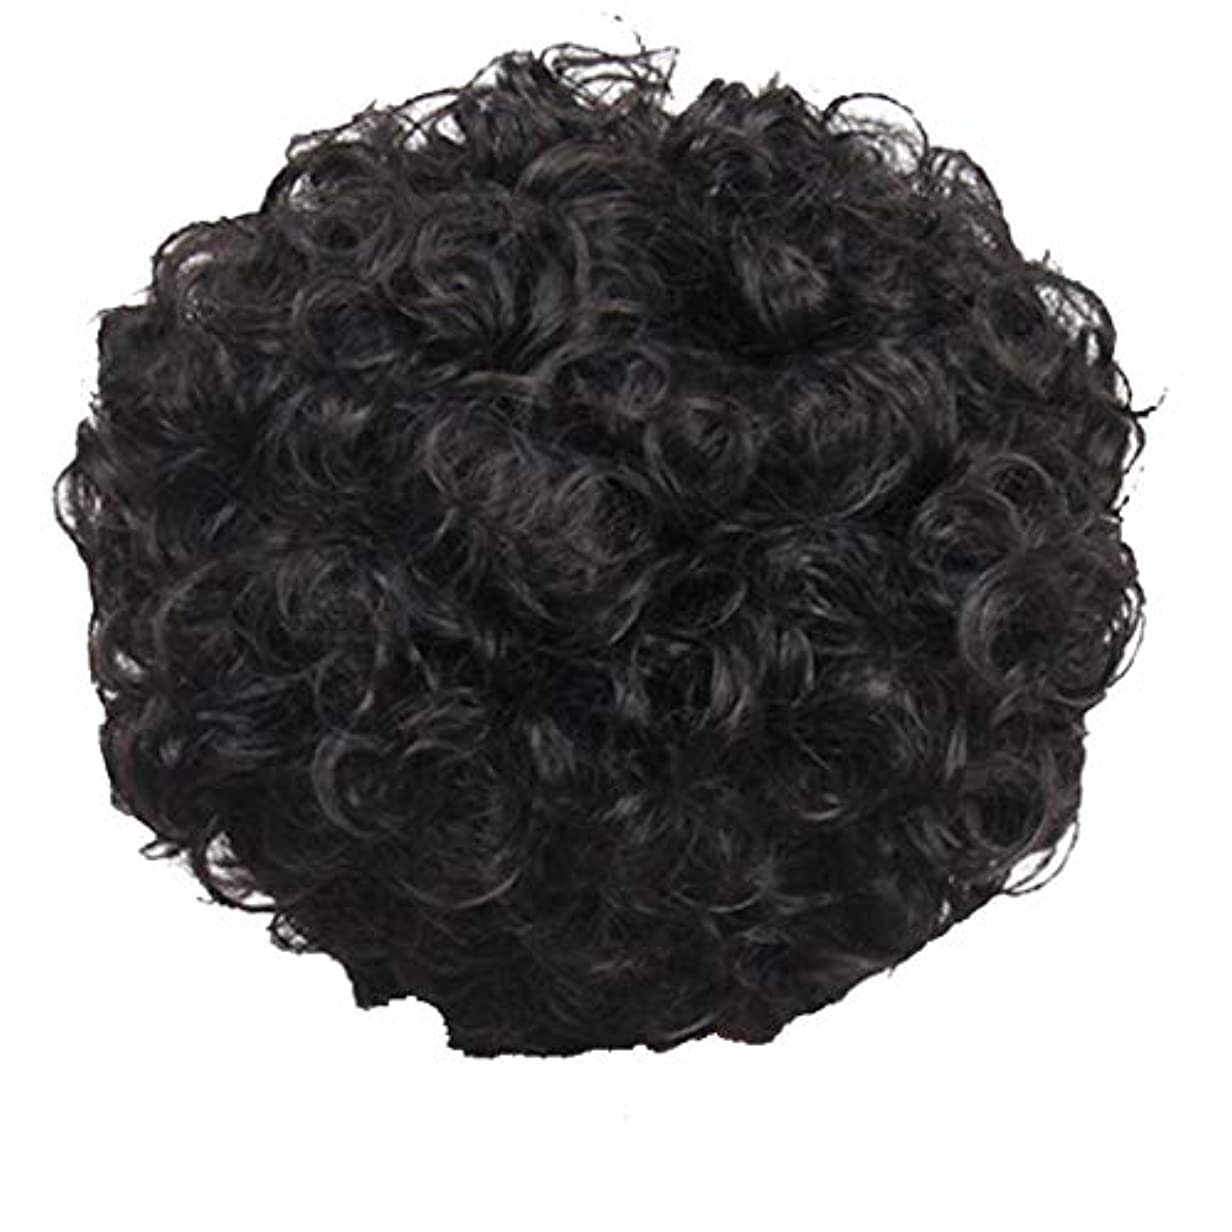 失効敵寄稿者かつら、女性、短い髪、巻き毛、かつら、エルフカット、かつらキャップ、27cm